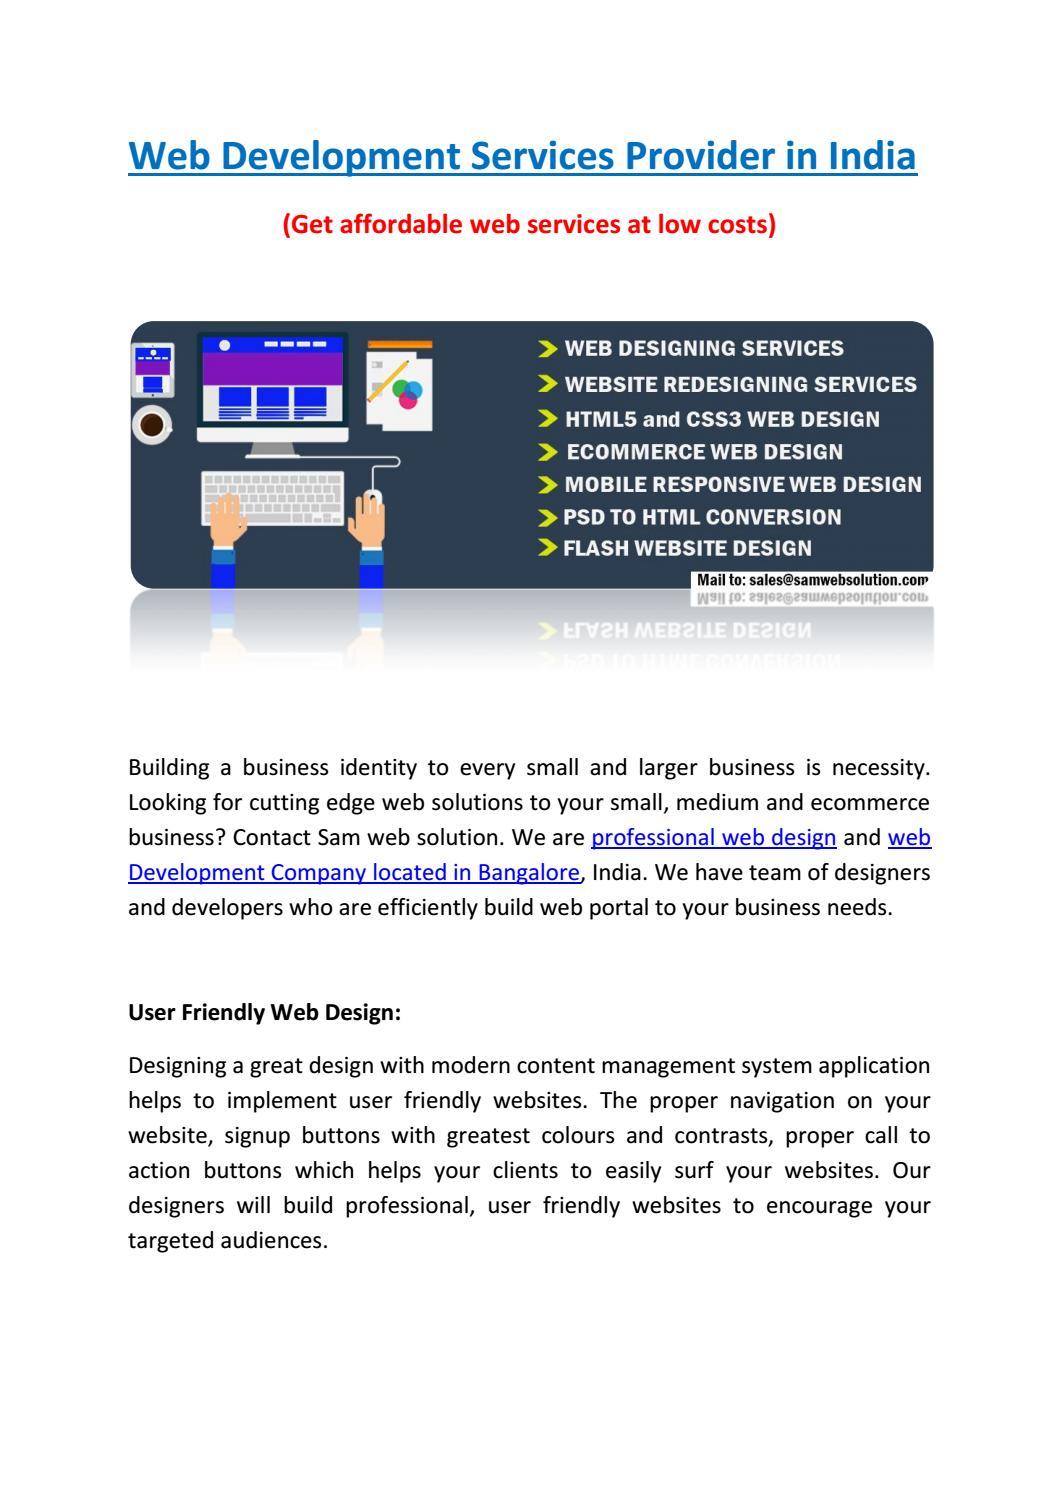 Web Development Services Provider In India By Web Design Company Seo Company Issuu